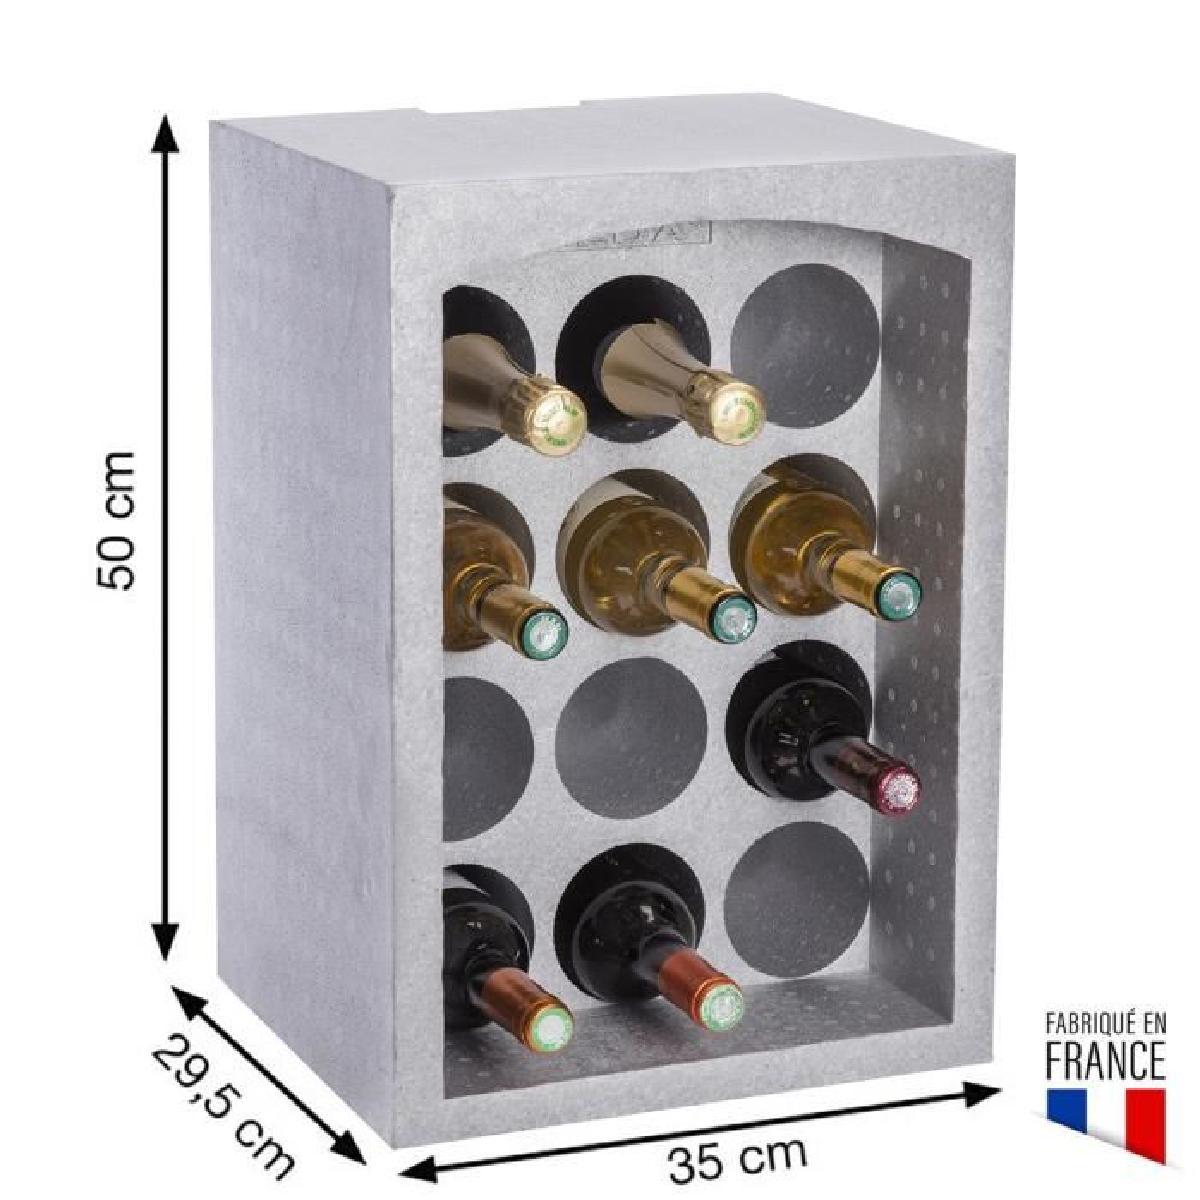 Vin casier